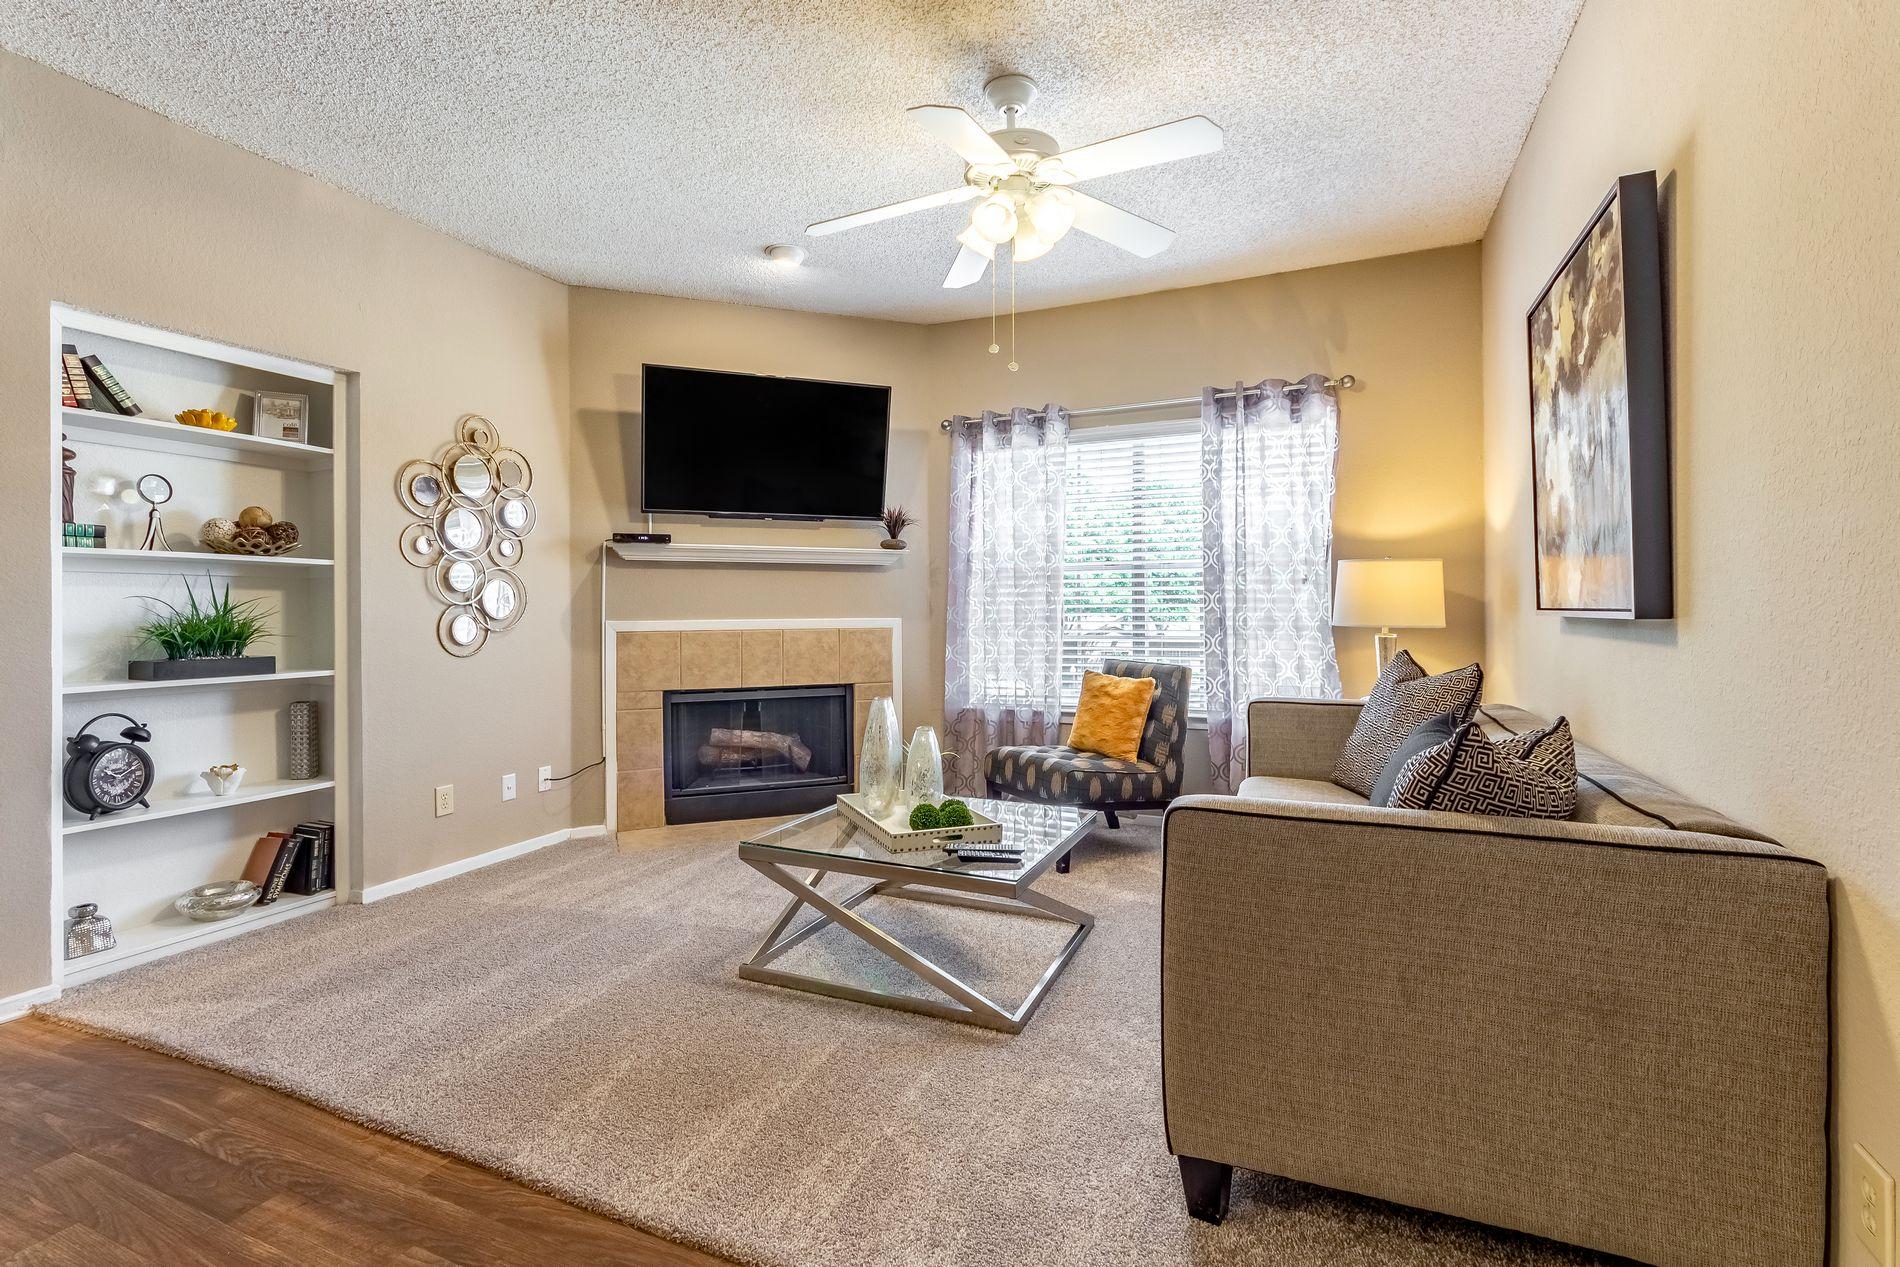 Model Living Room at La Costa Apartments in Plano, Texas, TX